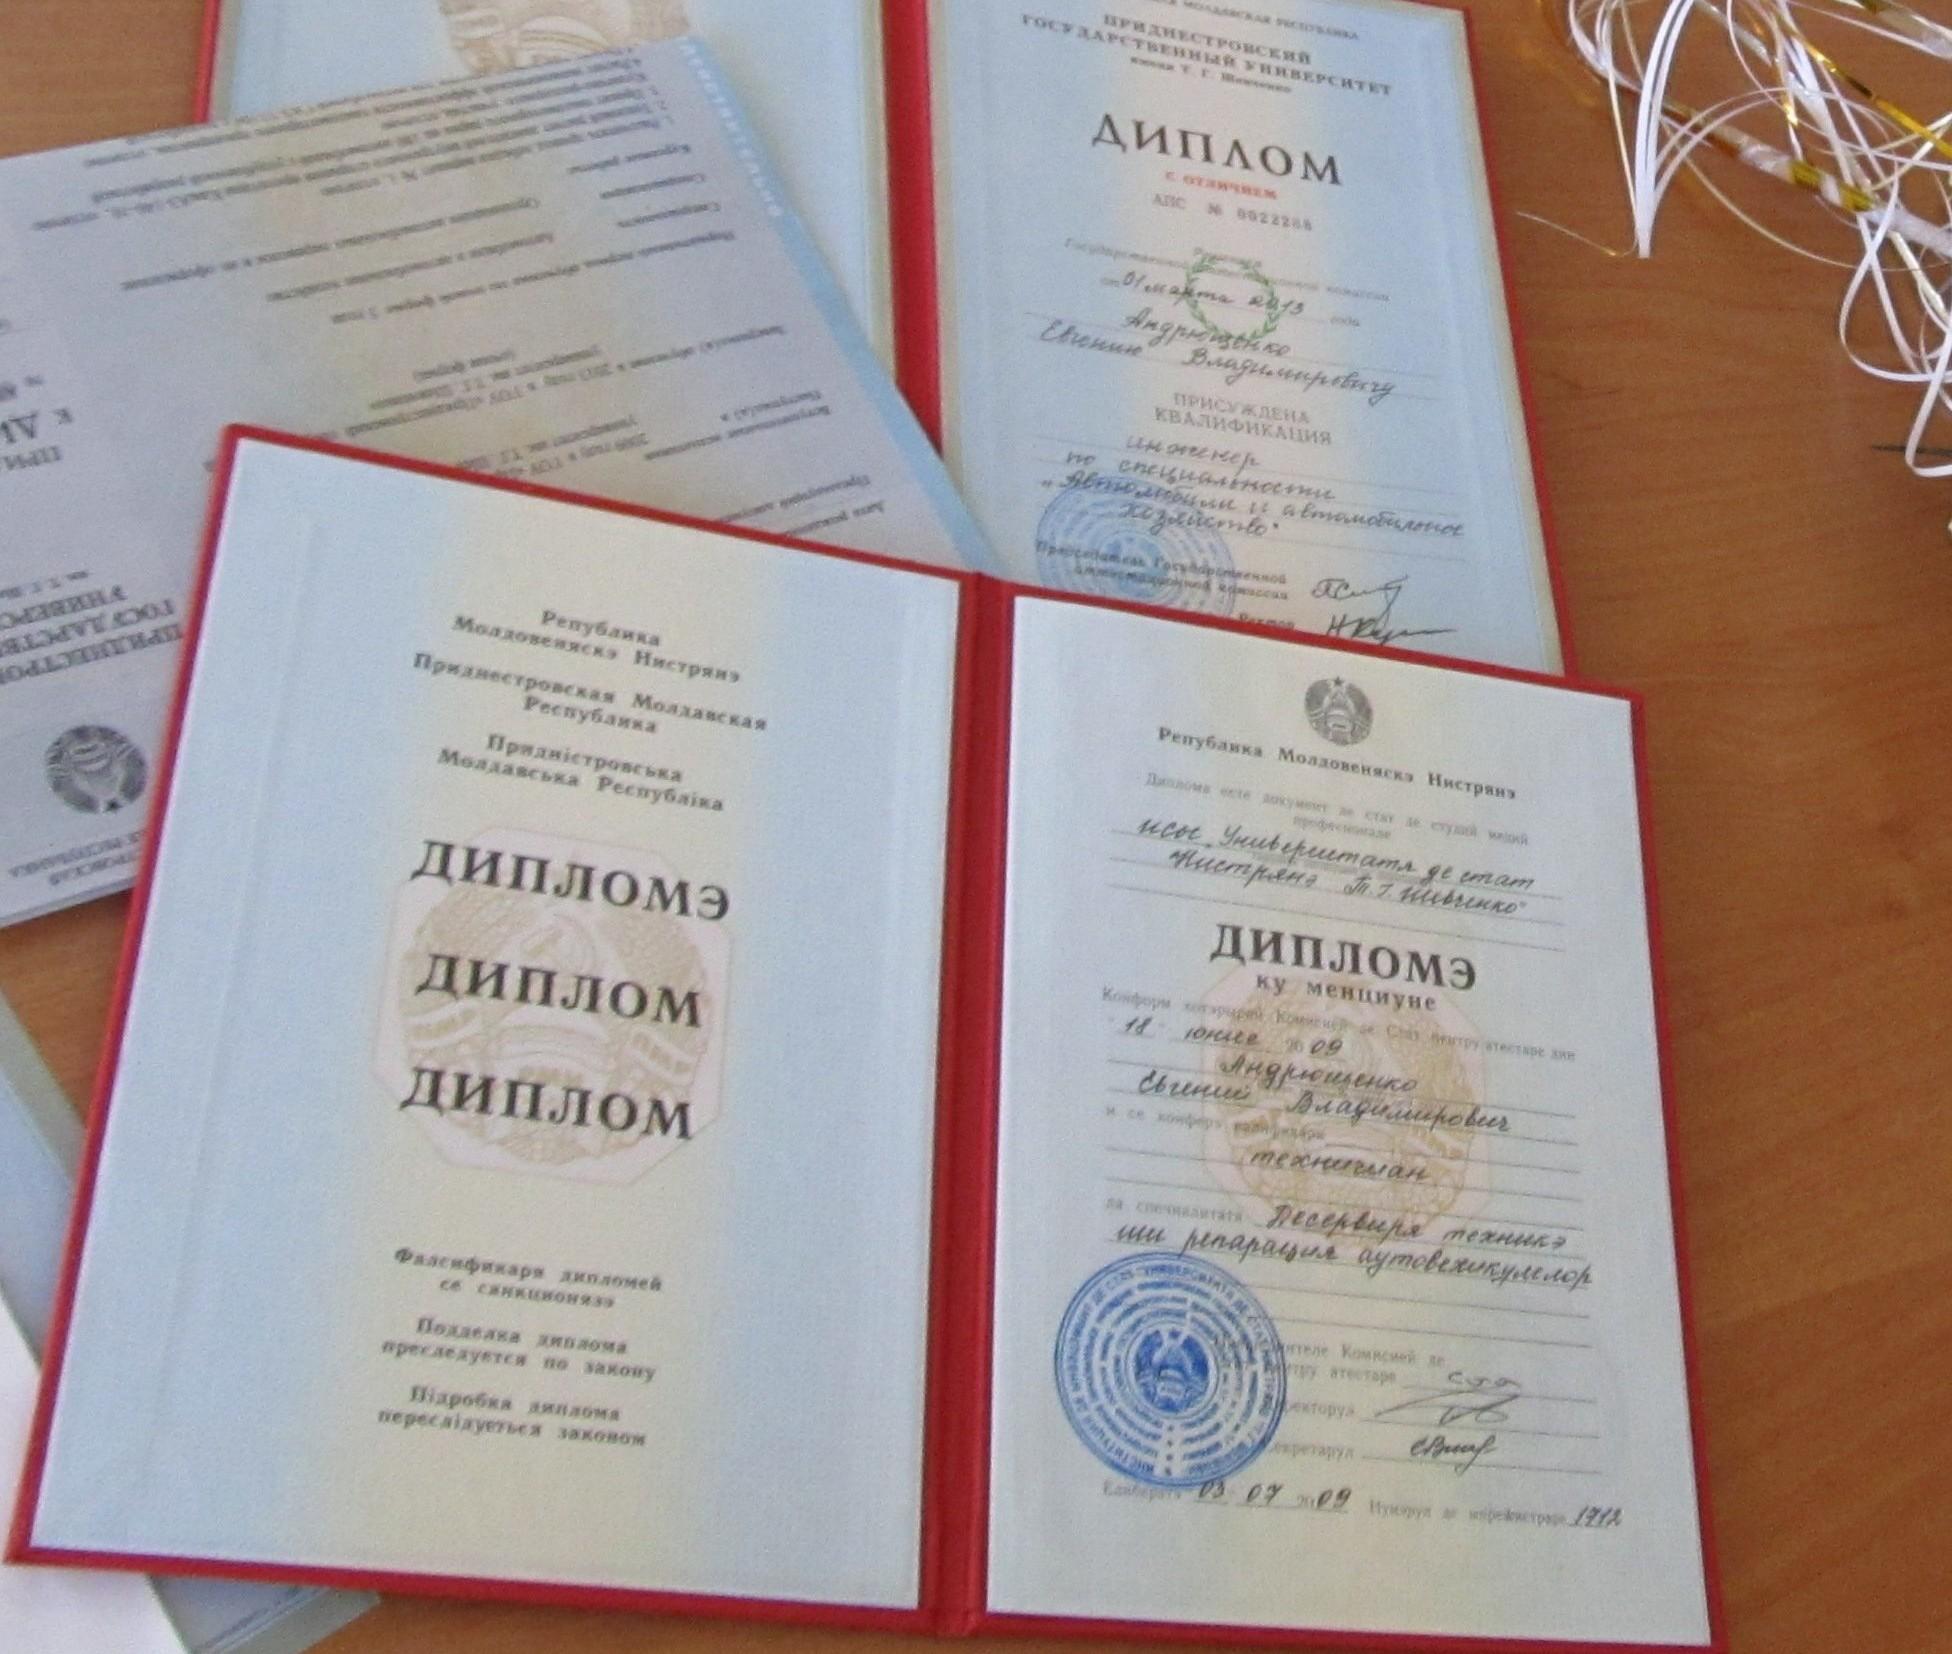 Покупка диплома купить диплом фармацевта образец заполнения диплома СПО покупка диплома купить диплом фармацевта по инструкции наконец то Дипломы СПО 2014 Мы получили бланки дипломов